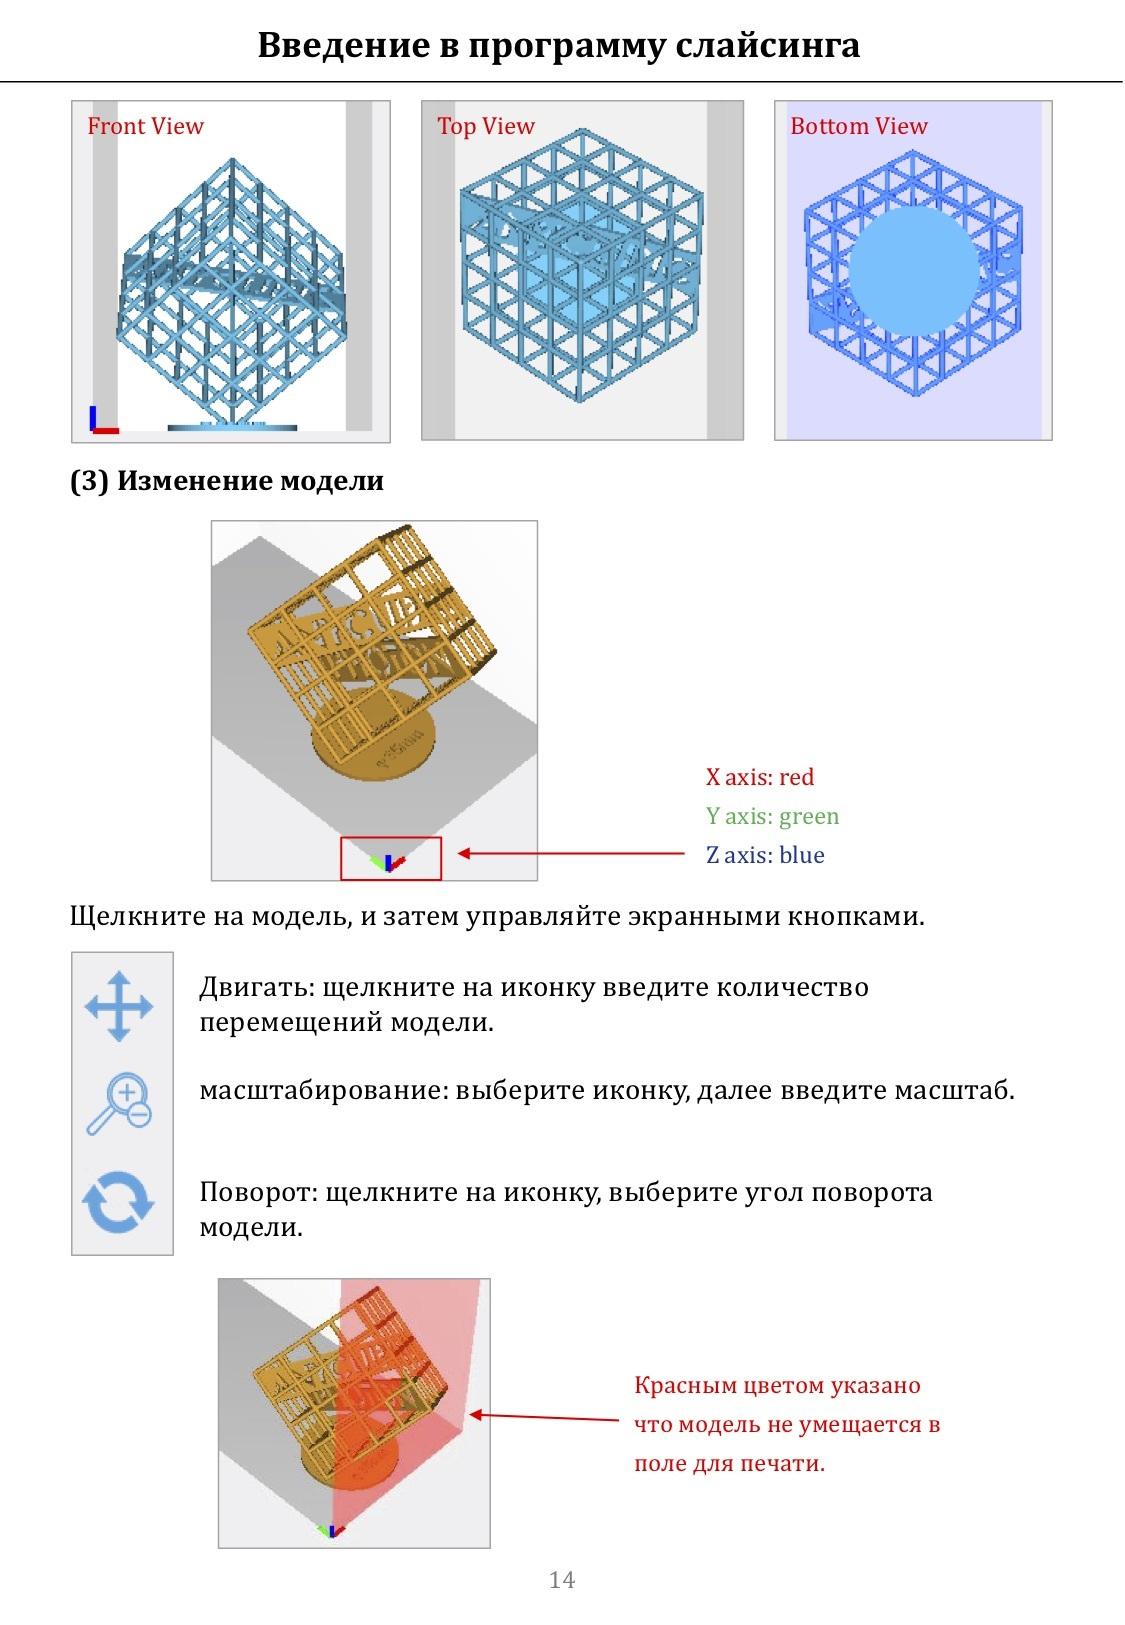 Создание модели для Anycubic Photon и Anycubic Photon S